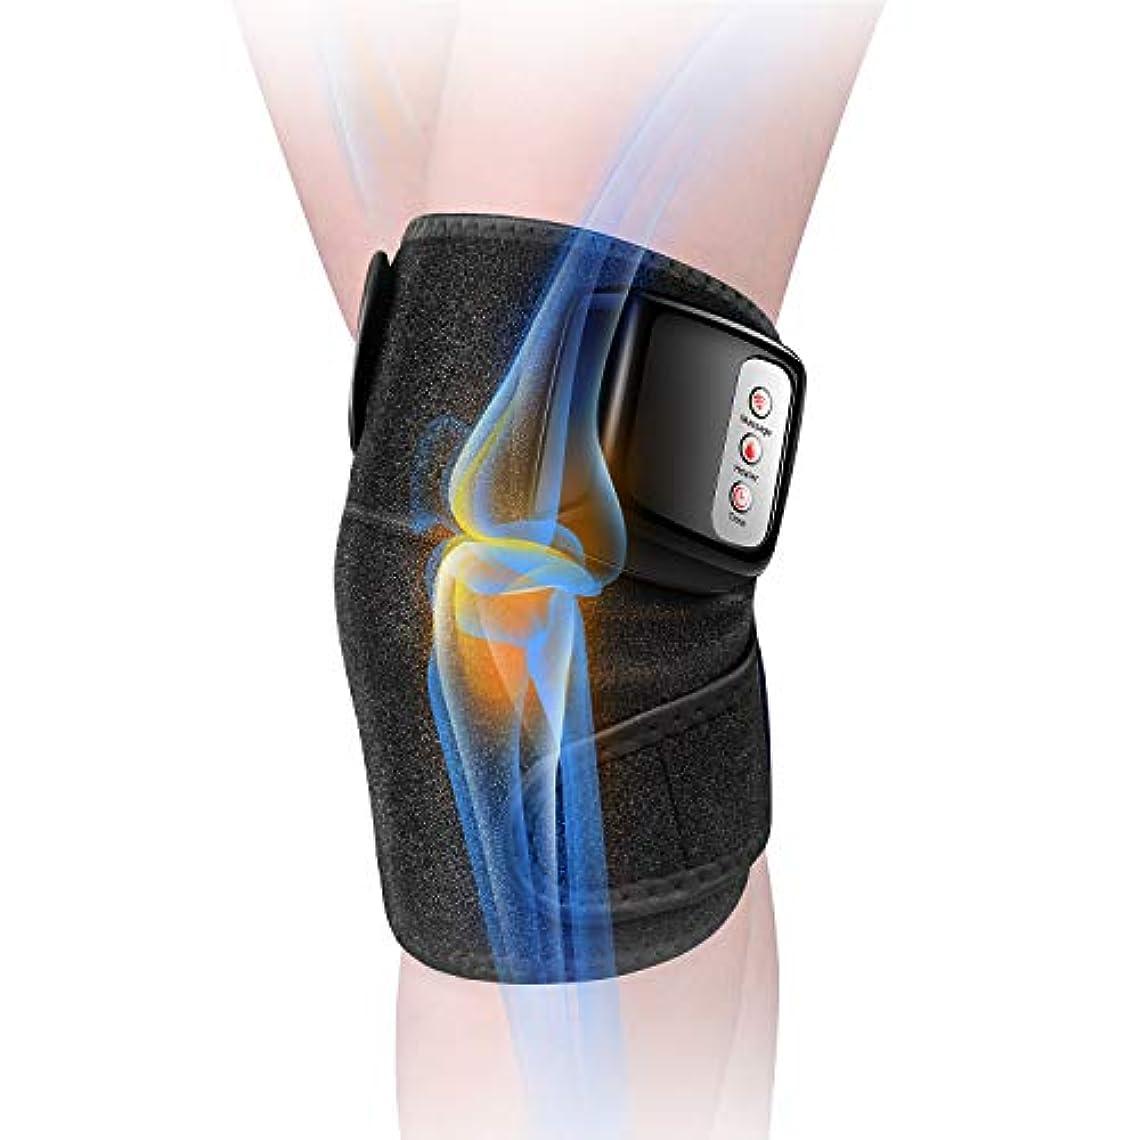 フリル州拡張膝マッサージャー 関節マッサージャー マッサージ器 フットマッサージャー 振動 赤外線療法 温熱療法 膝サポーター ストレス解消 肩 太もも/腕対応